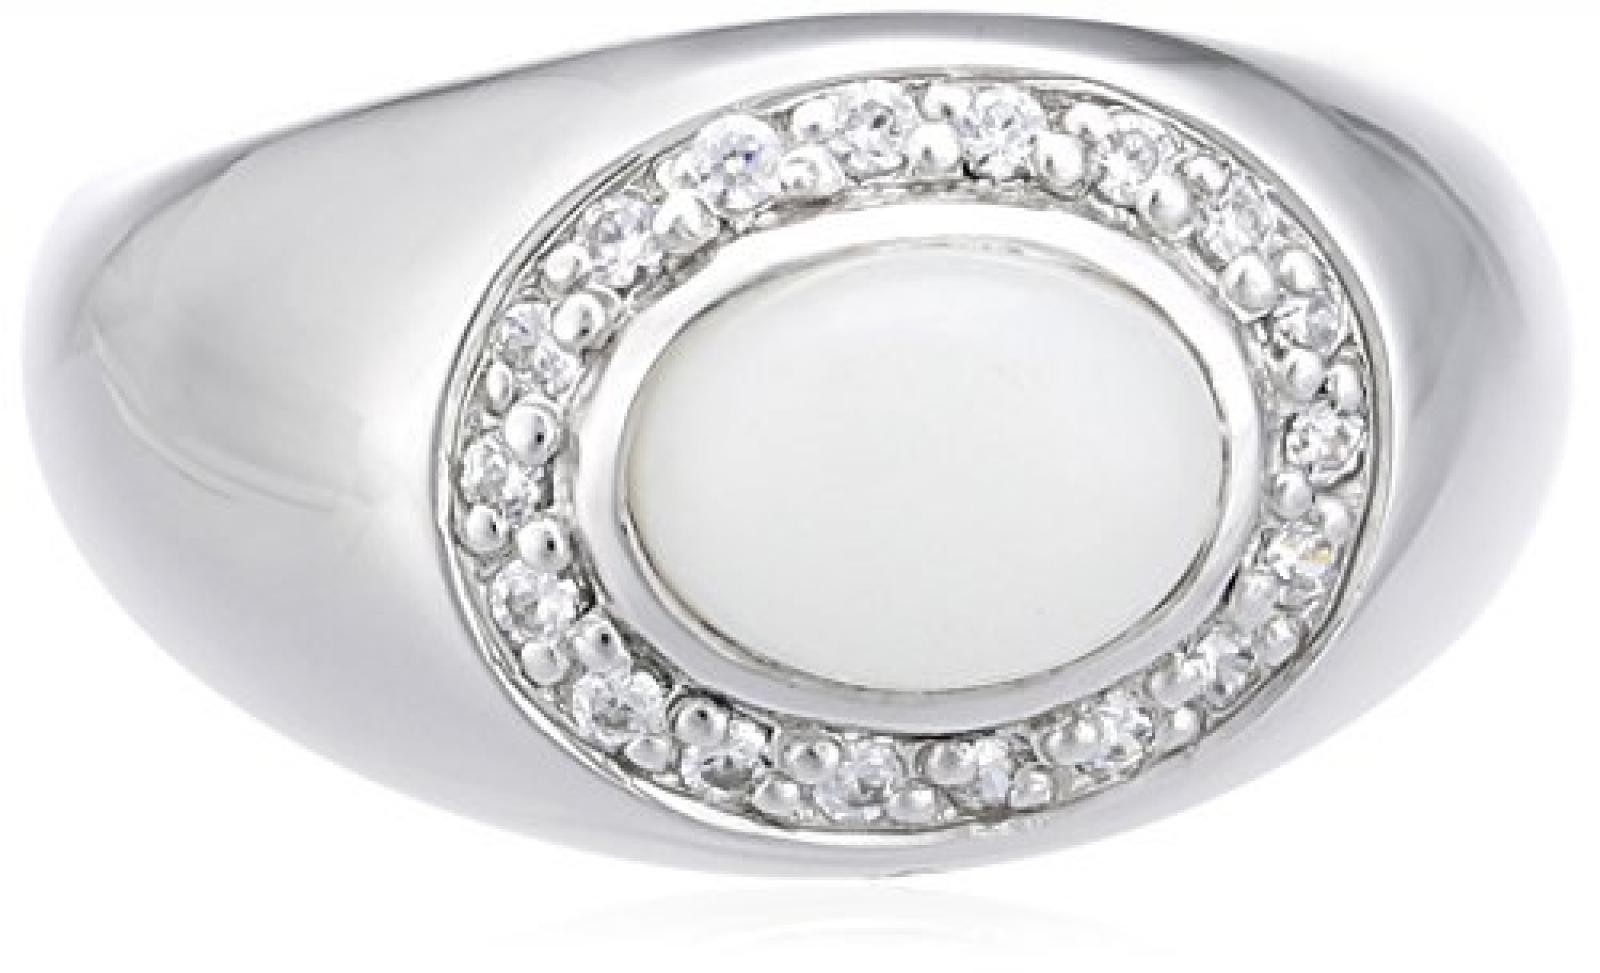 Celesta Damen-Ring 925 Sterling Silber Achat + Zirkonia weiß 273270871